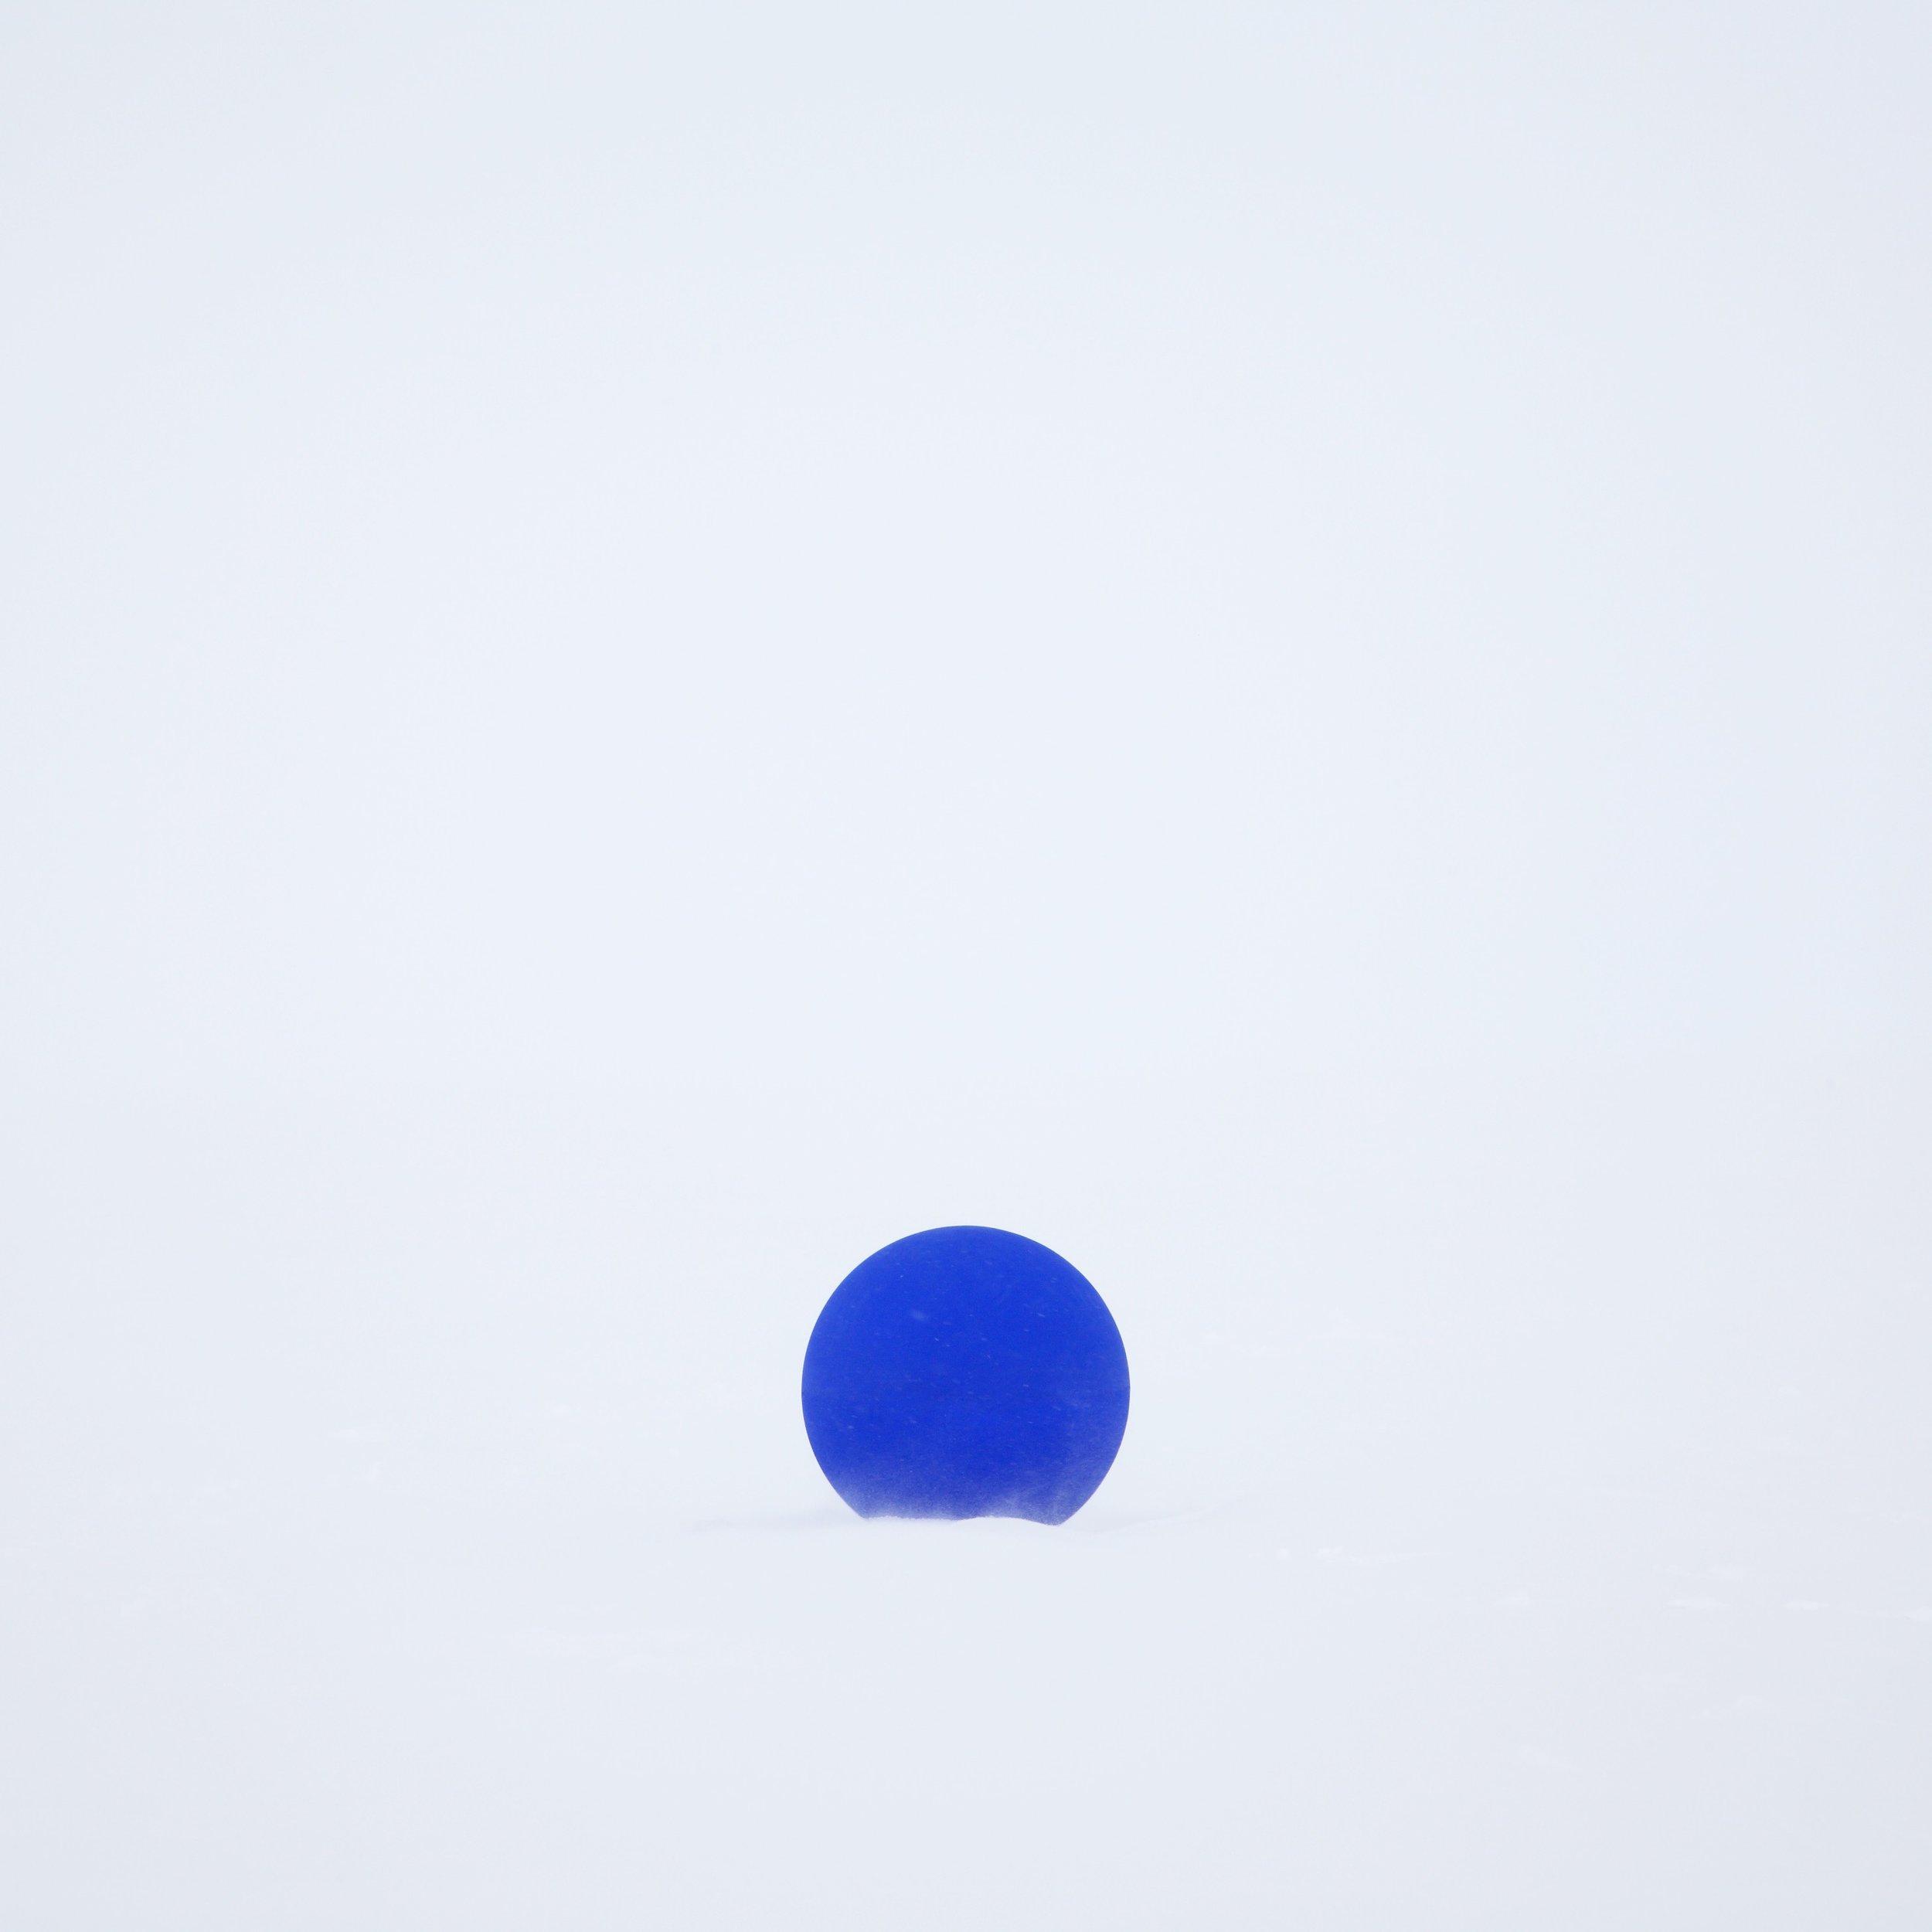 """STELLAR AXIS: ANTARCTICA (ALTAIR)  2014 PIGMENT PRINT 60 x 60"""" EDITION 2/5  INQUIRE"""